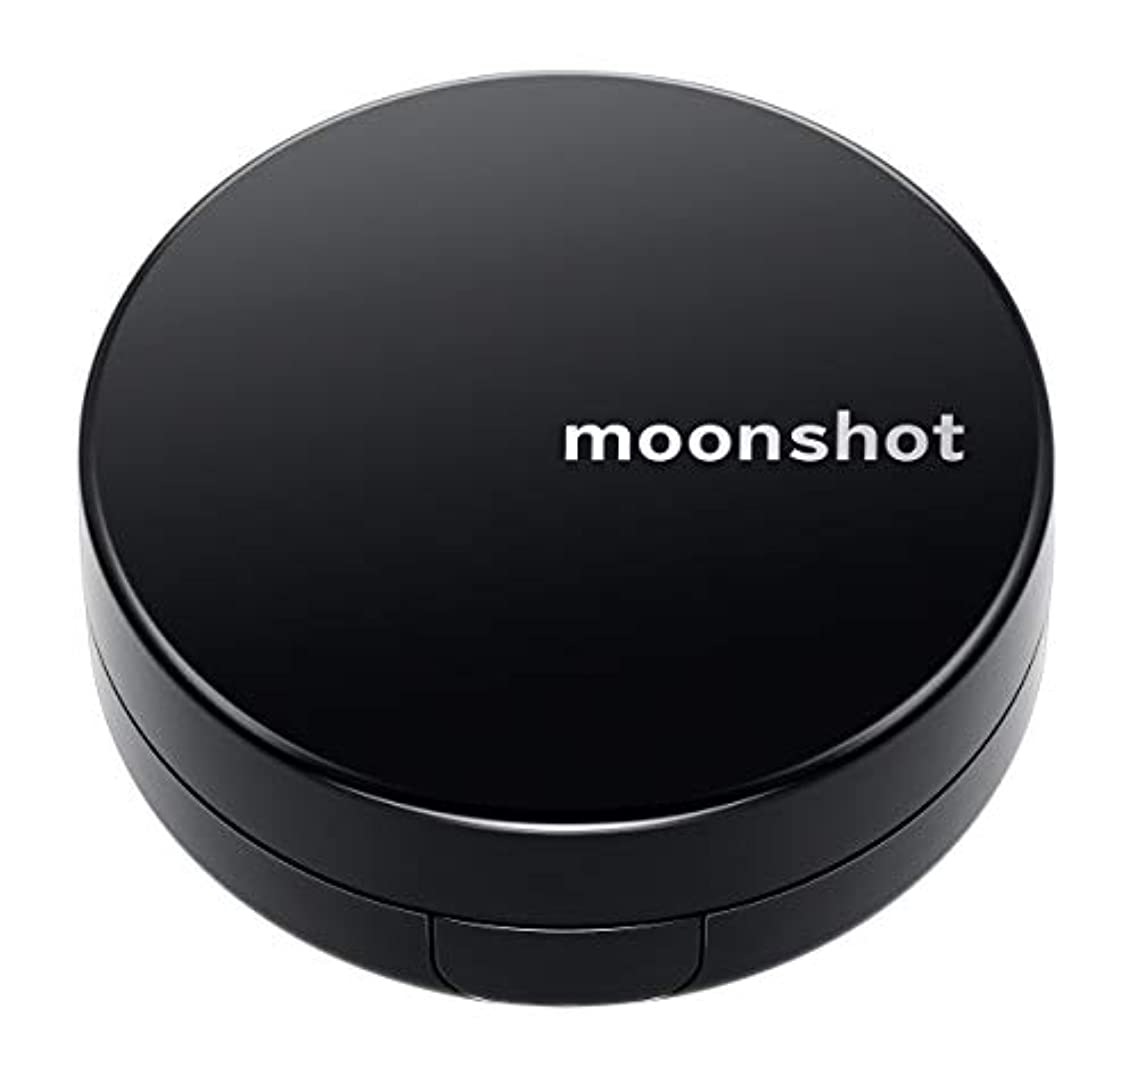 キネマティクス減少代理人【moonshot × blackpink】自然なスキントーンと均一なカバー力 しわ改善 美白 紫外線遮断 ムーンショット マイクロフィットクッション201/正規品